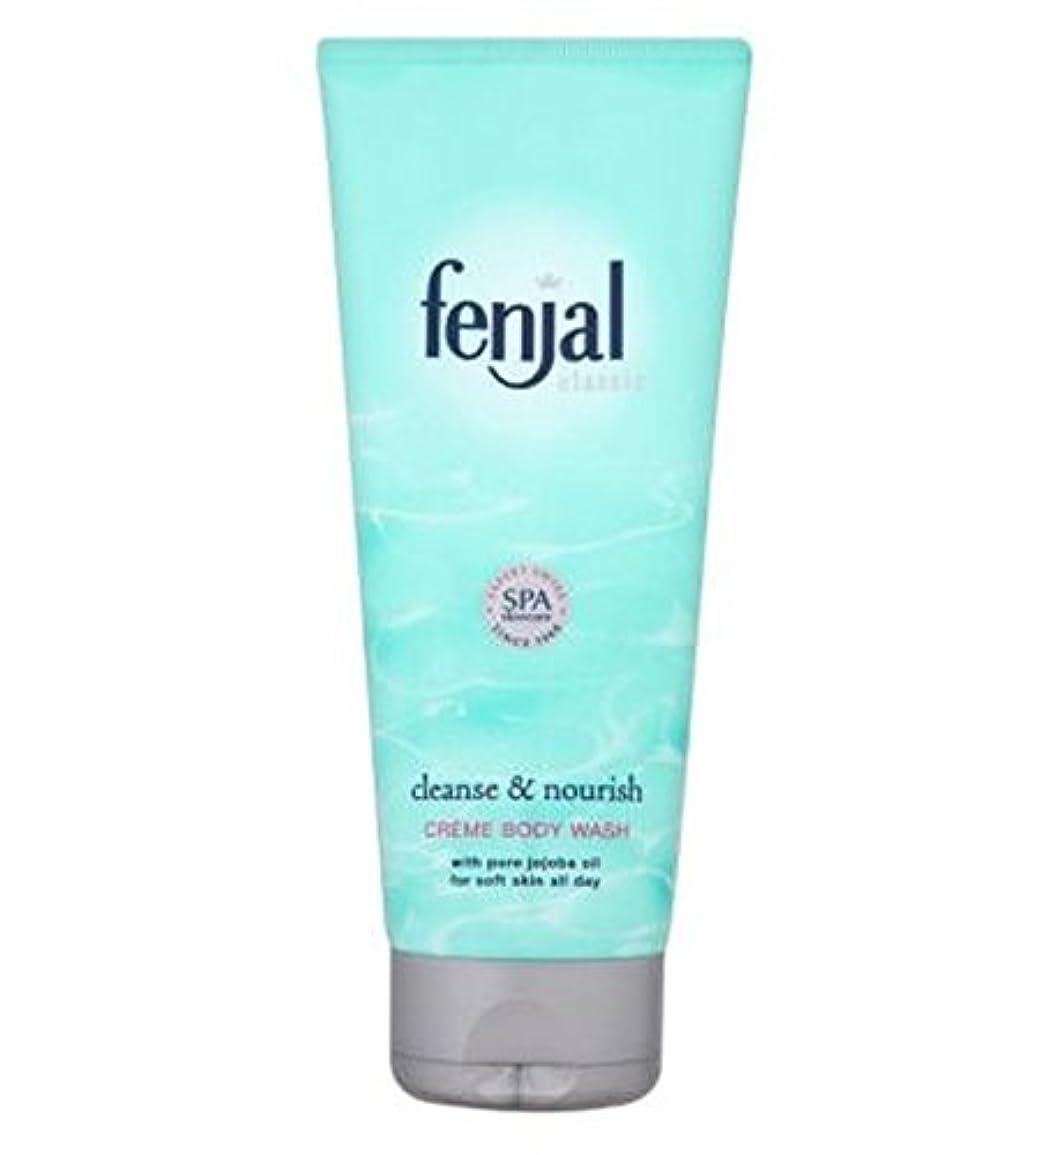 チャンスコテージ記念品Fenjal古典的な高級クリームオイルボディウォッシュ (Fenjal) (x2) - Fenjal Classic Luxury Creme Oil Body Wash (Pack of 2) [並行輸入品]